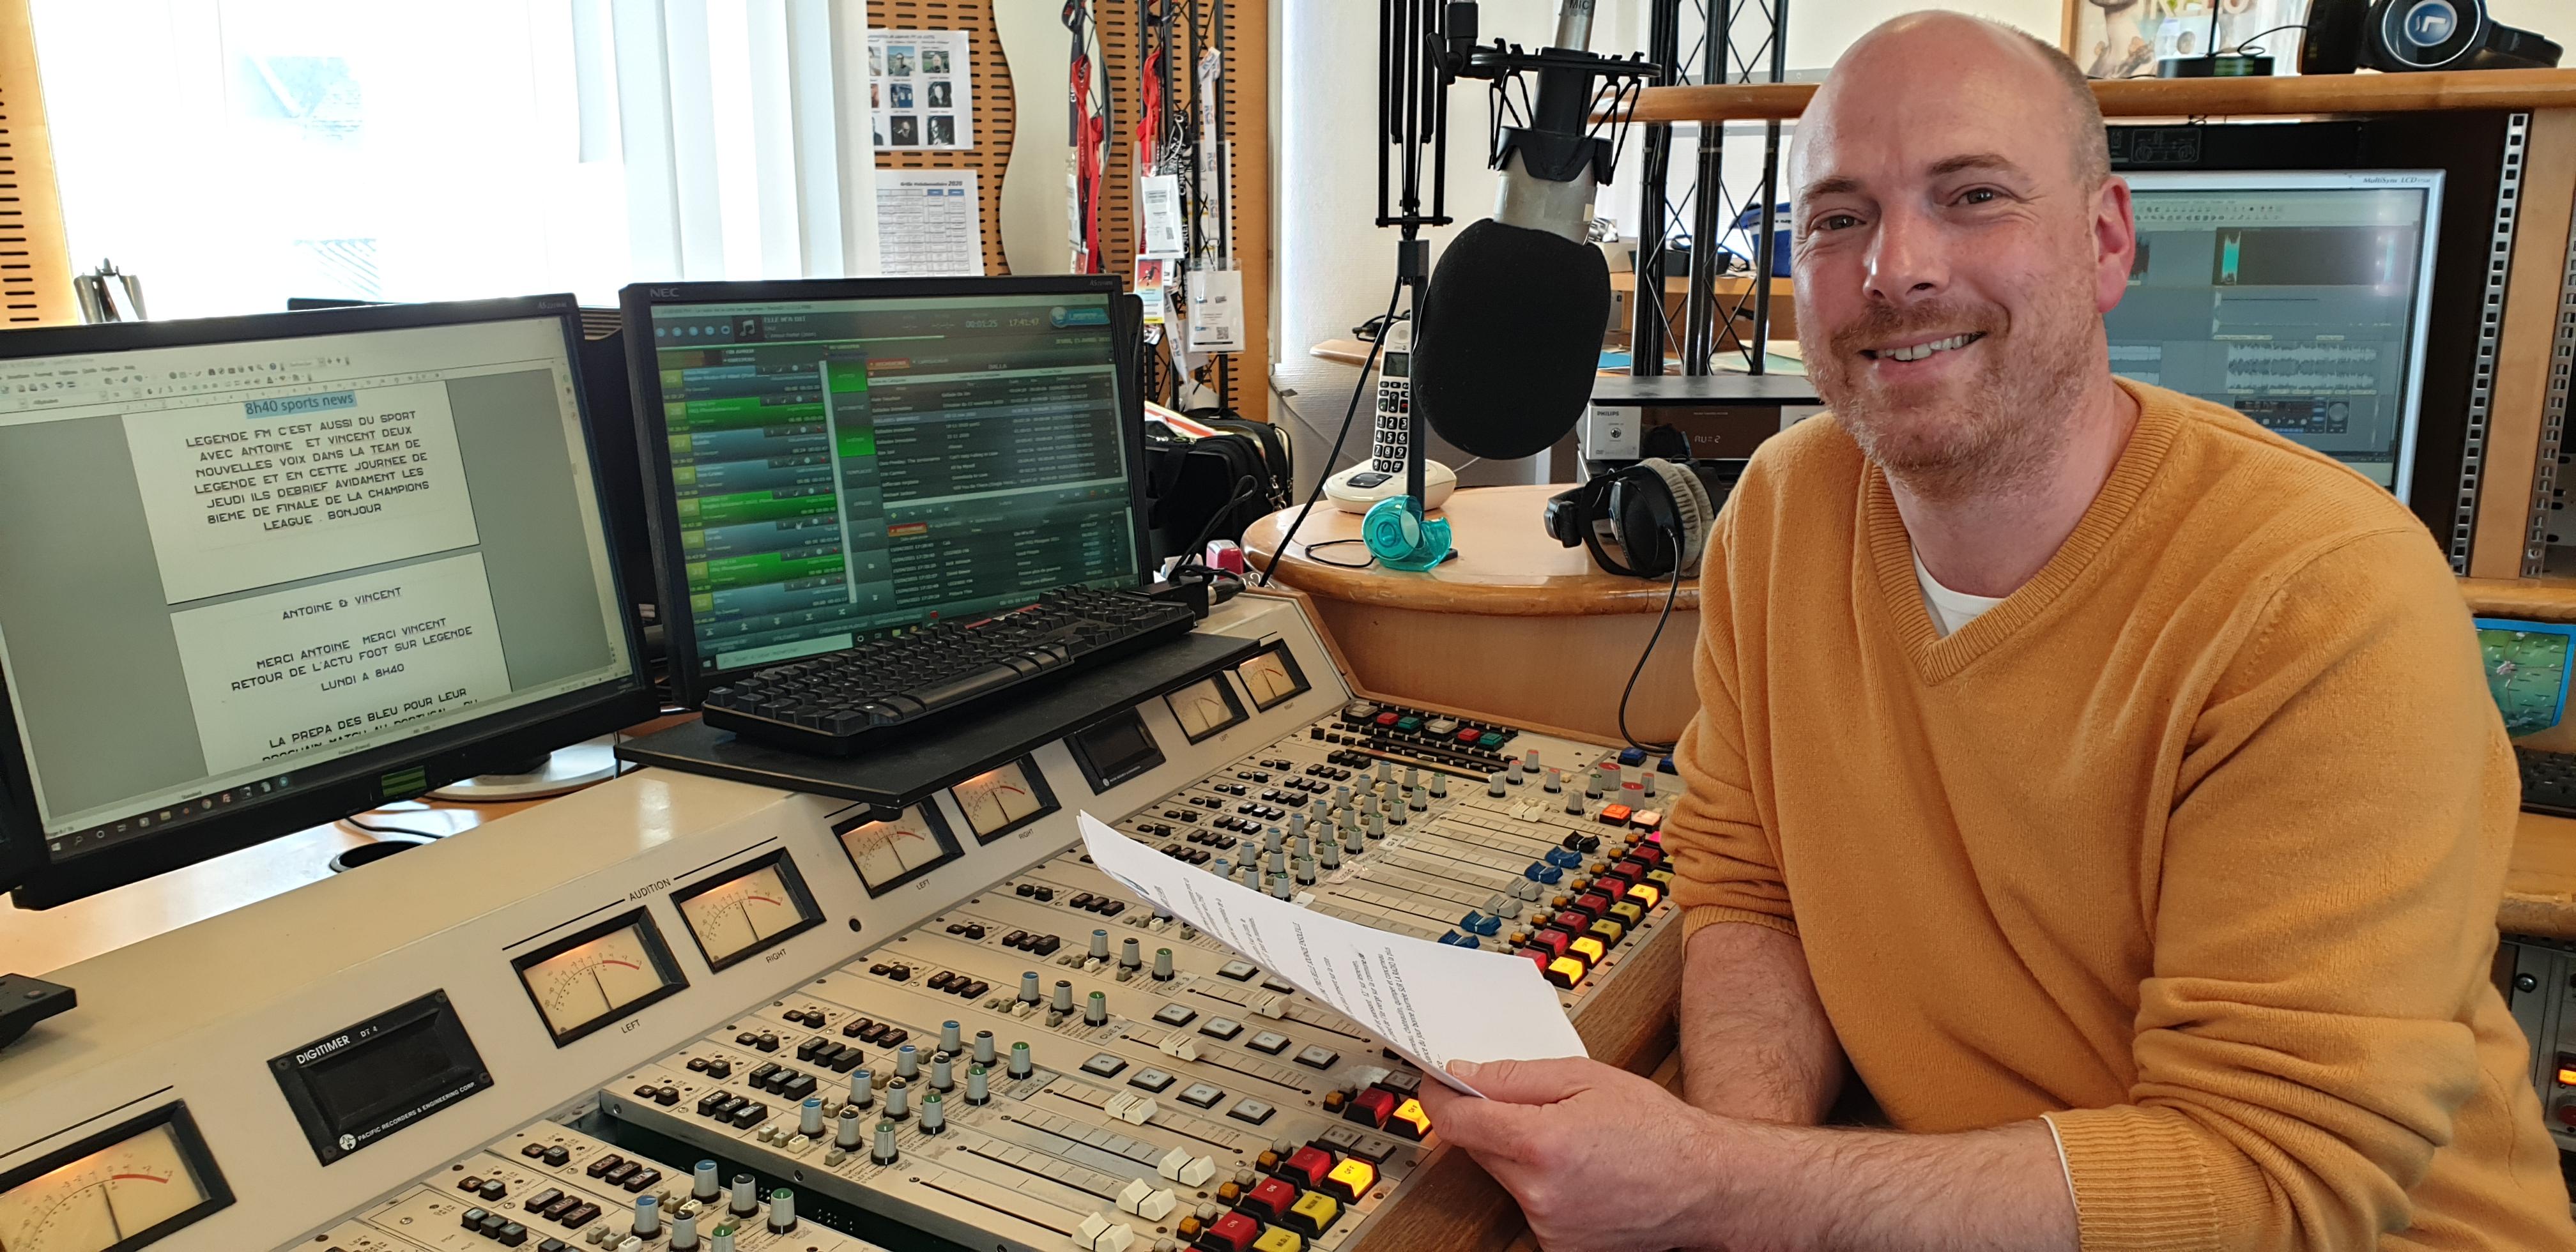 Benoît Quiviger de Légende FM